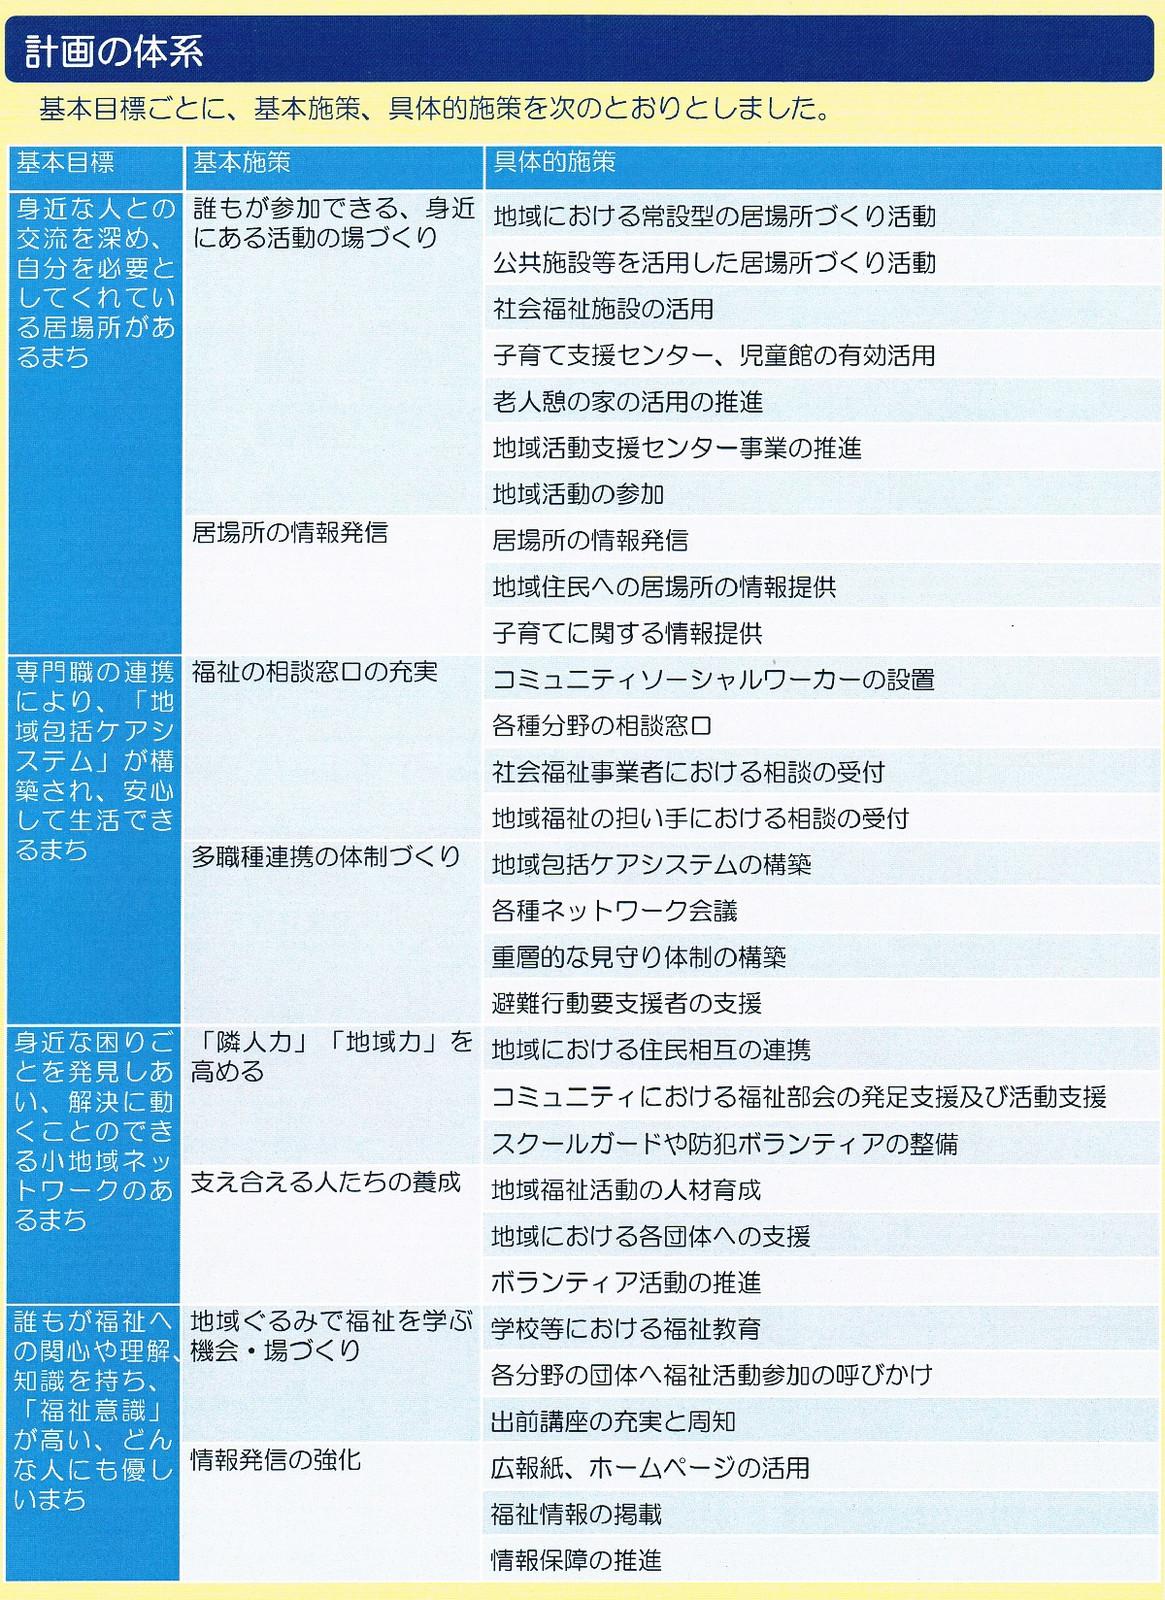 Chiikihukushikeikaku_h27